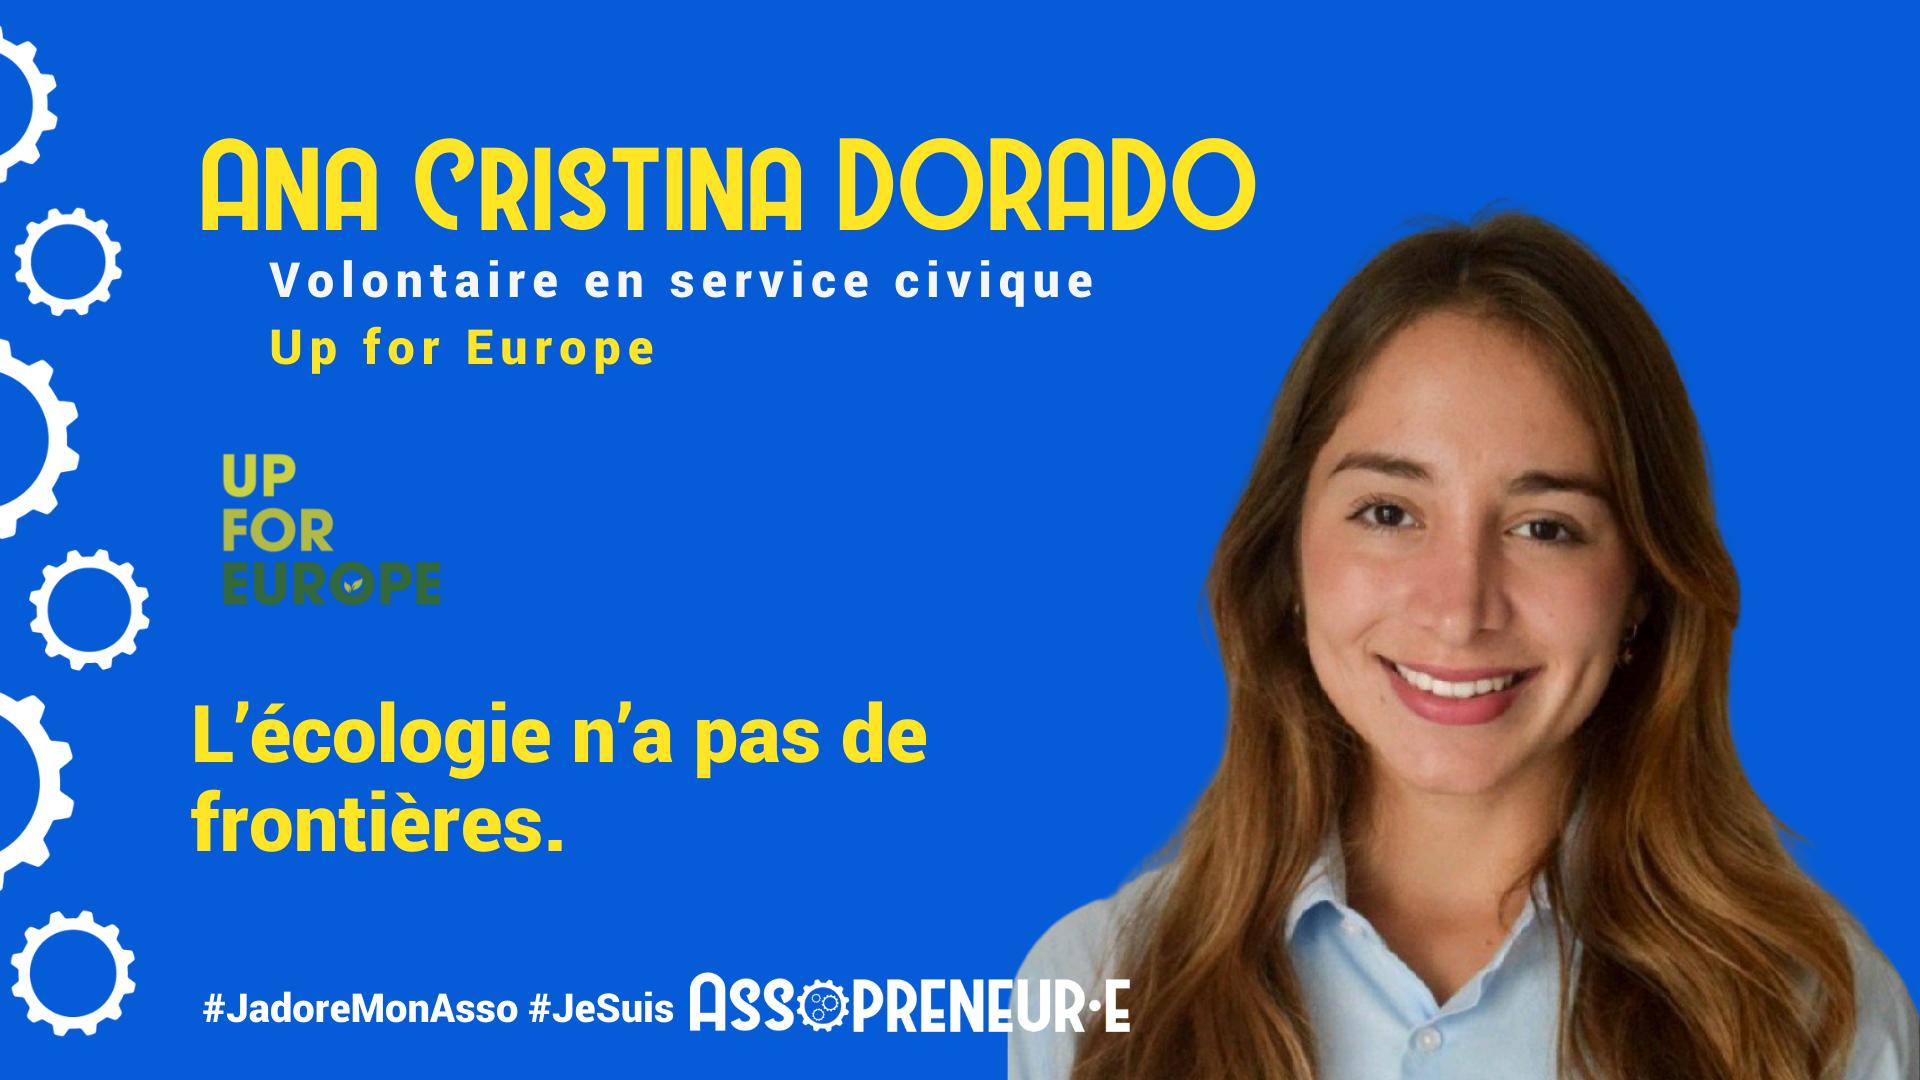 Ana Dorado membre programme Assopreneur